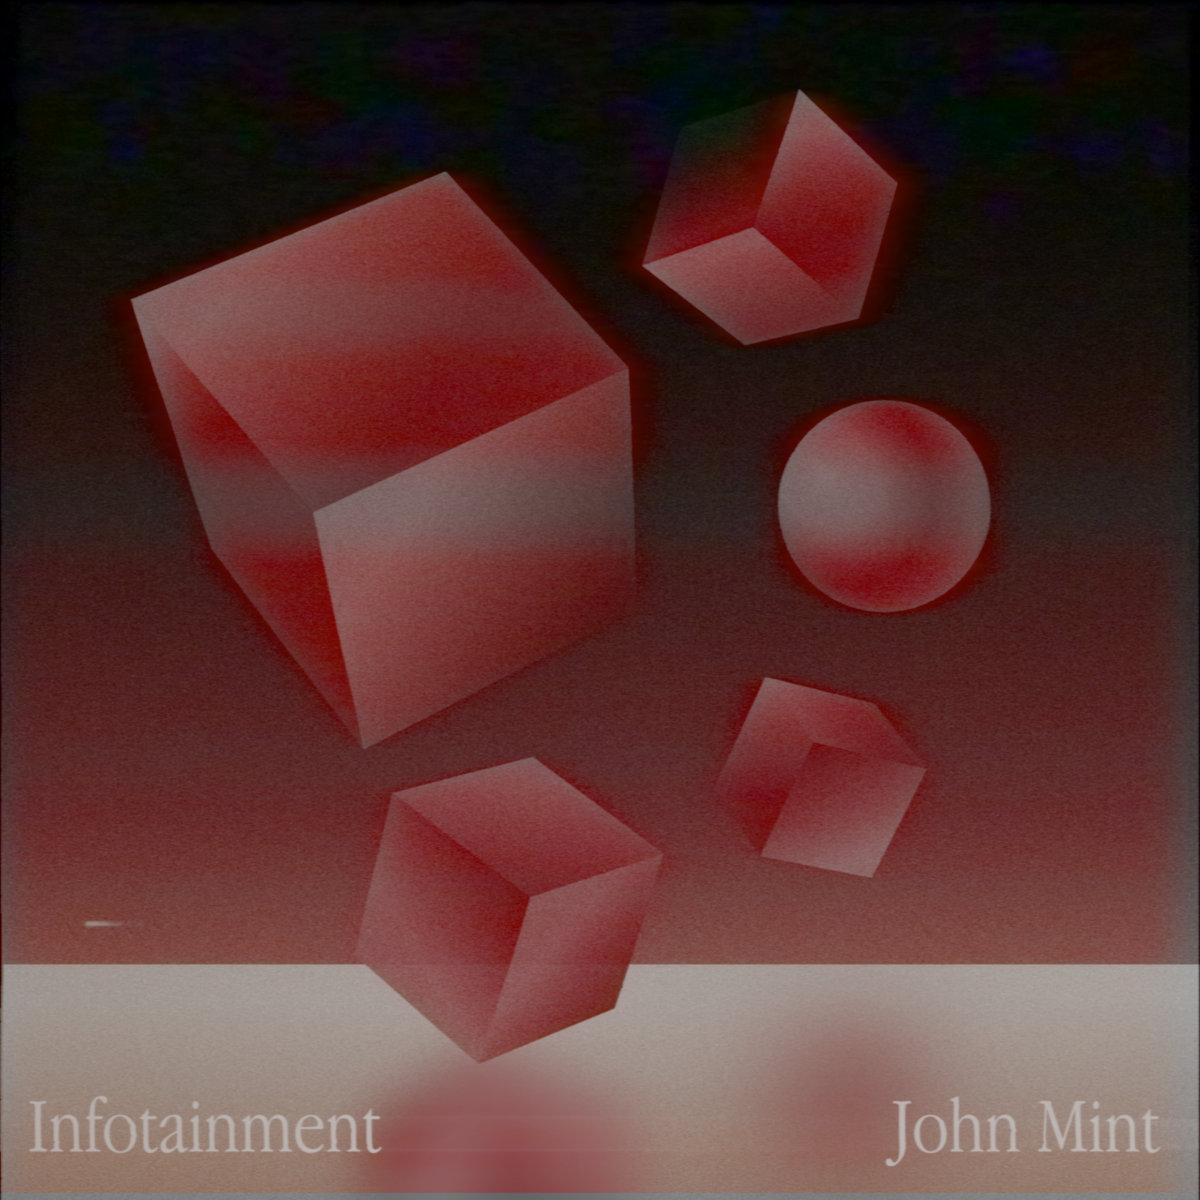 a3443868116 10 - John Mint – Infotainment